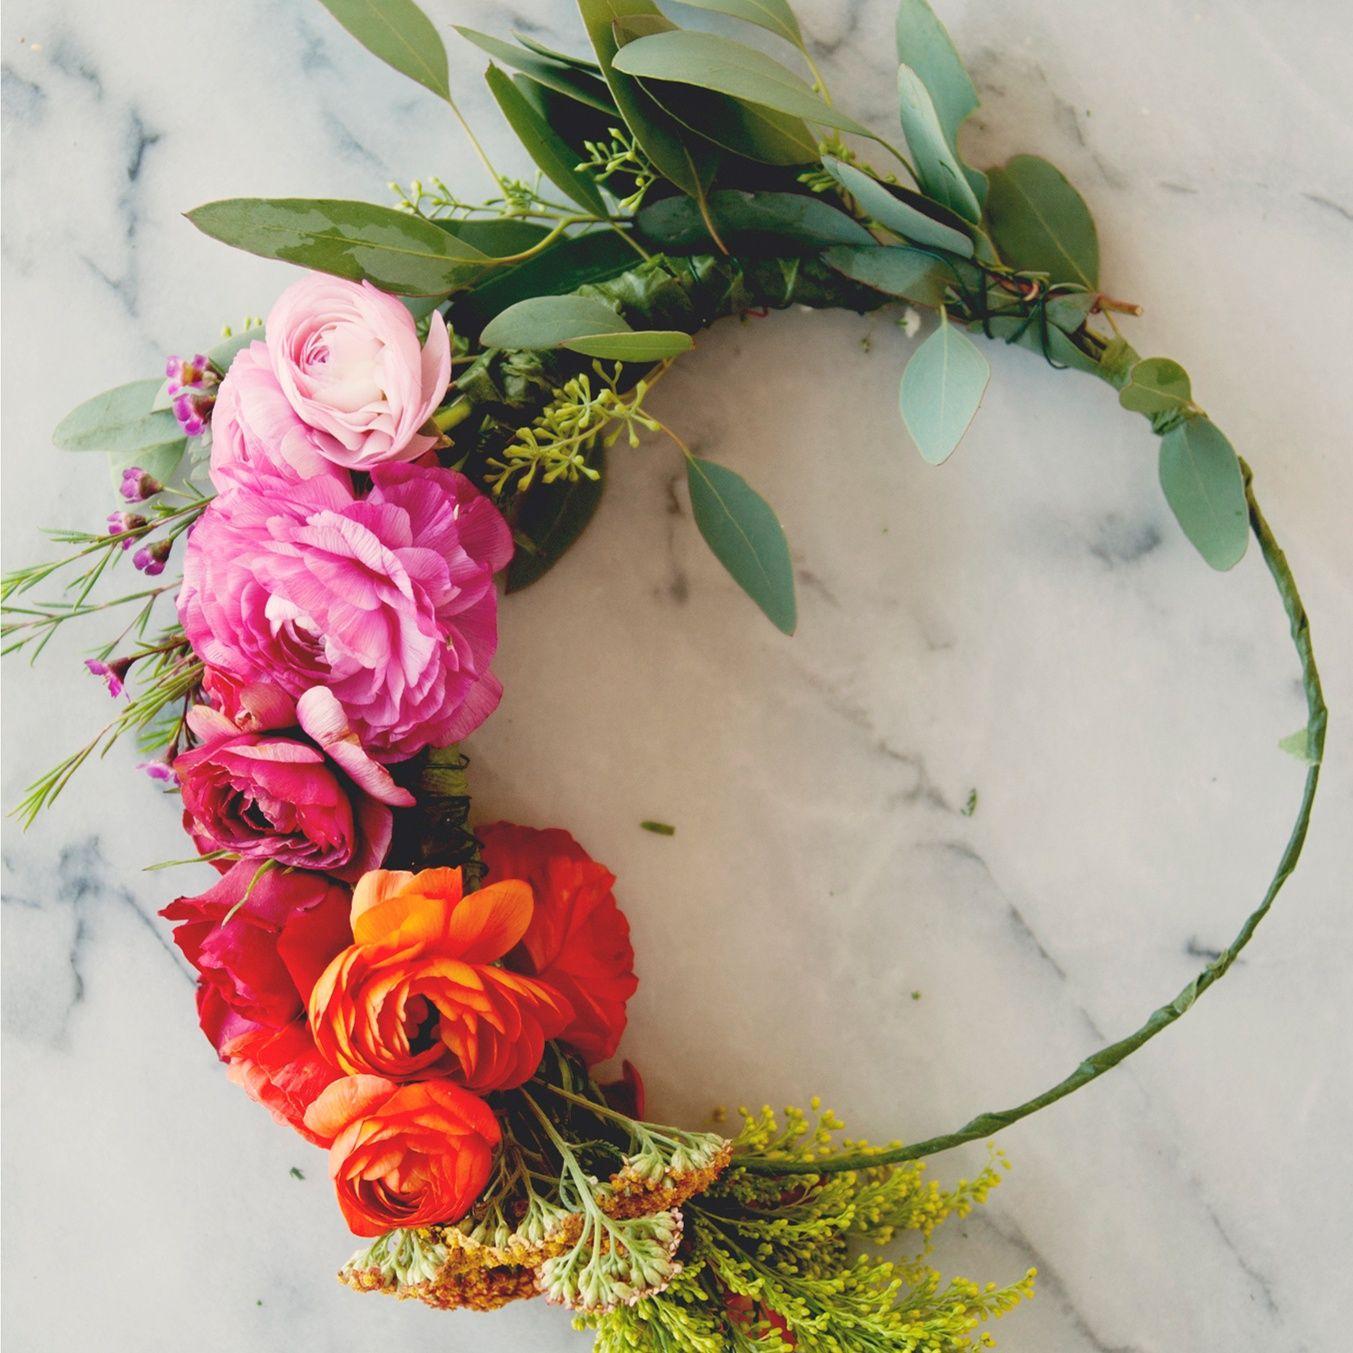 Flower crown in 2018 still life pinterest martha stewart easy flower crown project martha stewart weddings izmirmasajfo